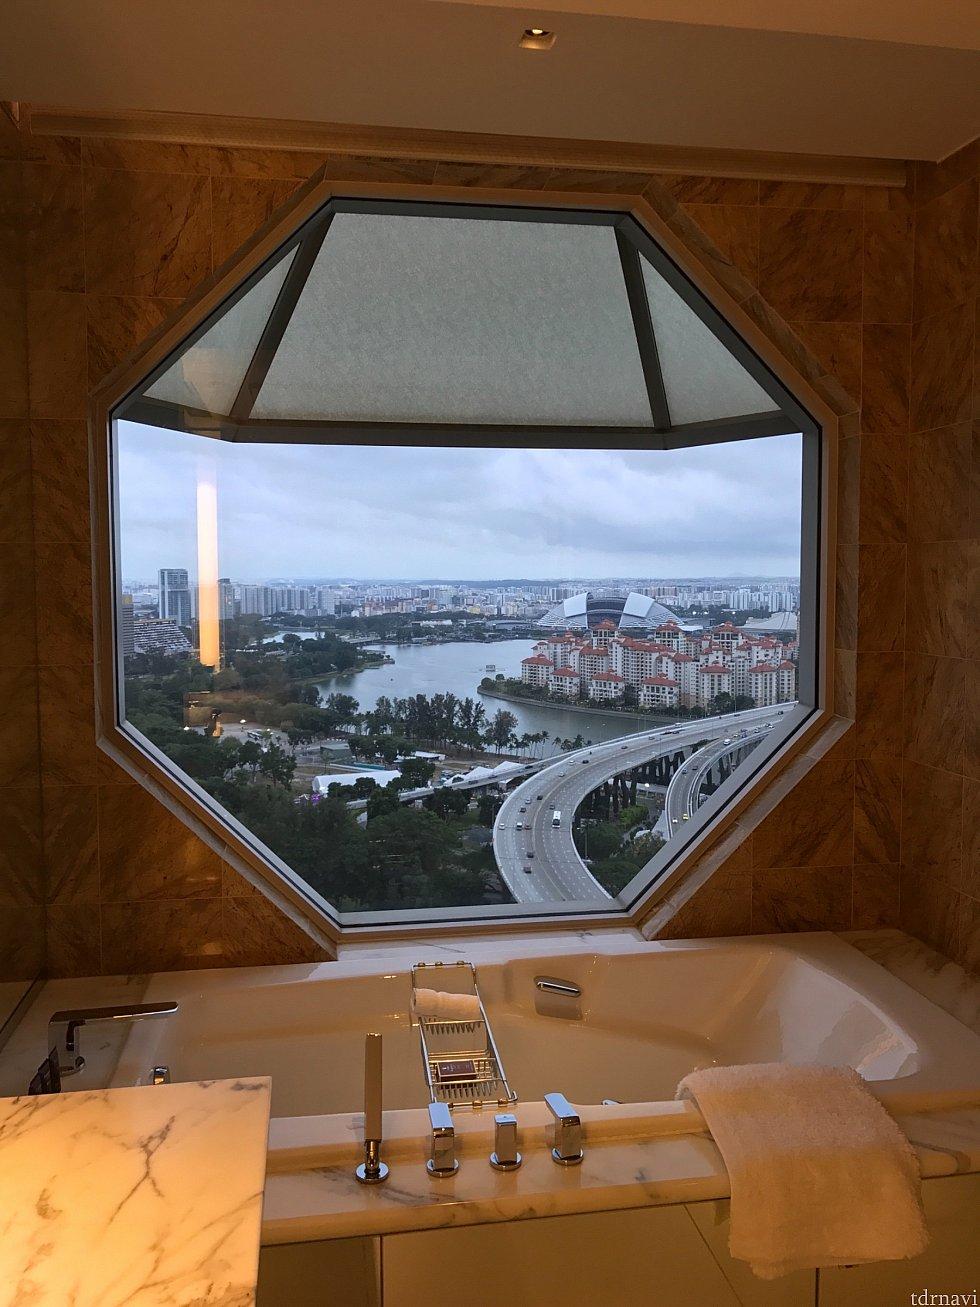 旅行会社のパンフレットでも紹介されているバスタブ。 特徴的な八角形の窓からゆっくり景色を楽しんではいかがでしょうか?